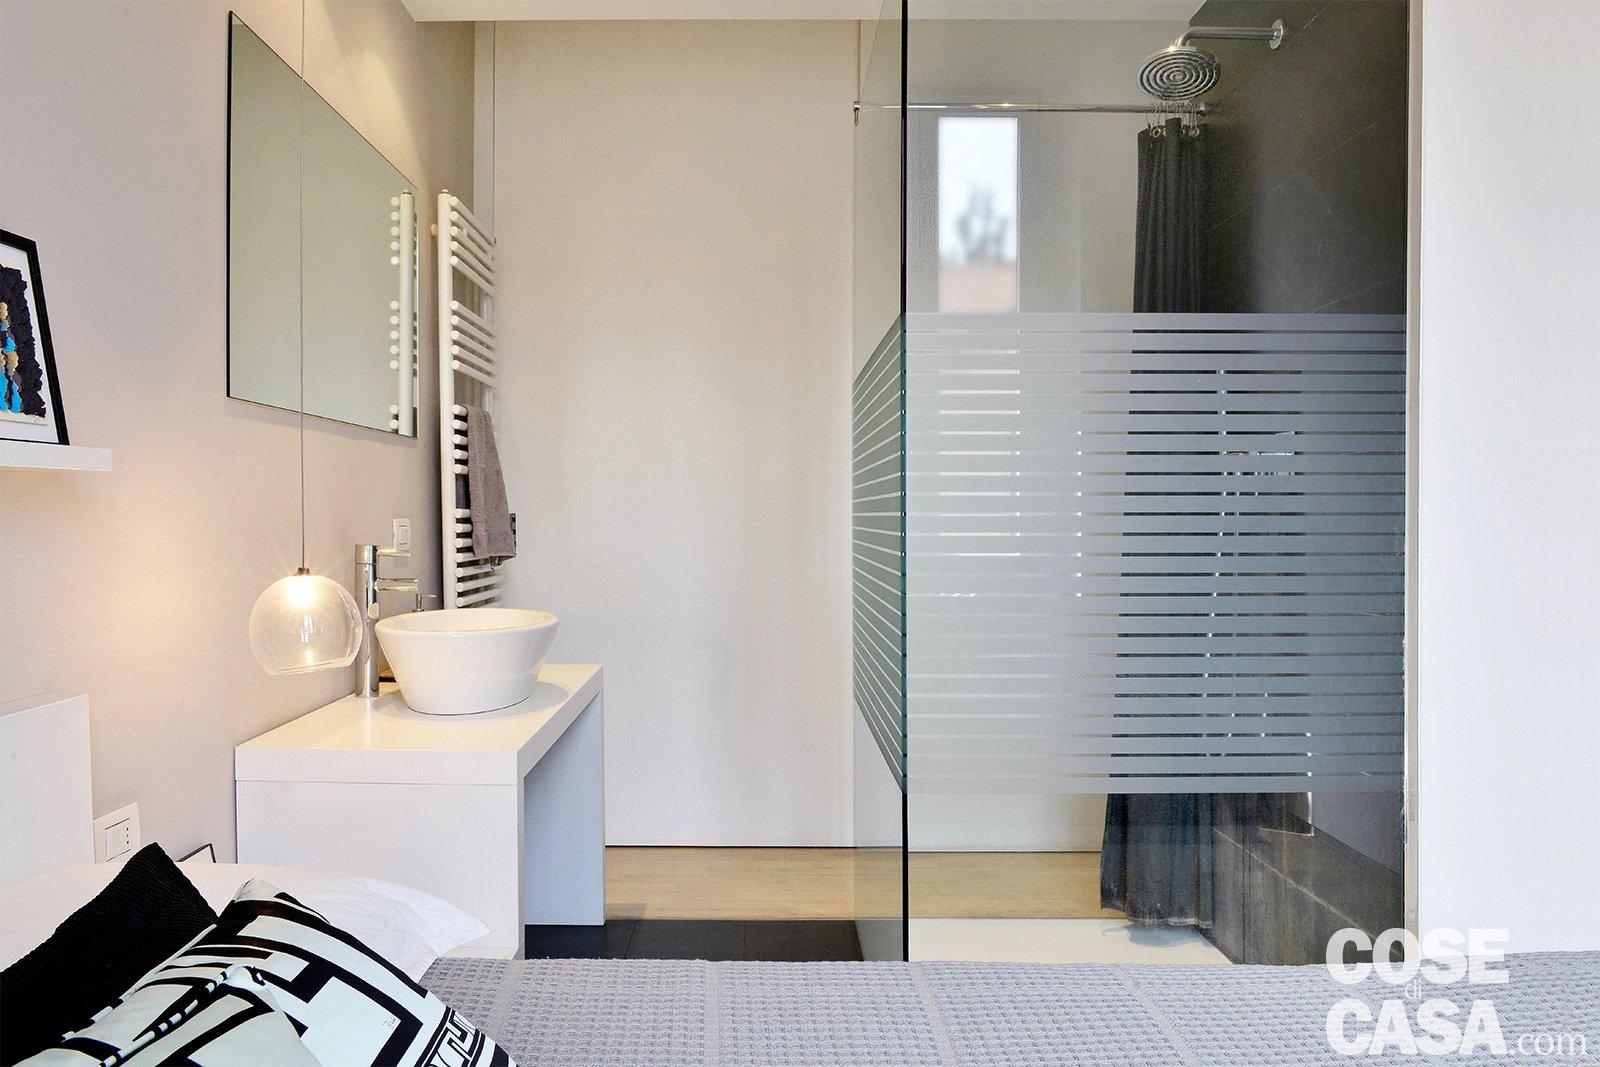 Bagno In Camera Con Vetrata : Bilocale black & white: 39 mq in stile minimal cose di casa